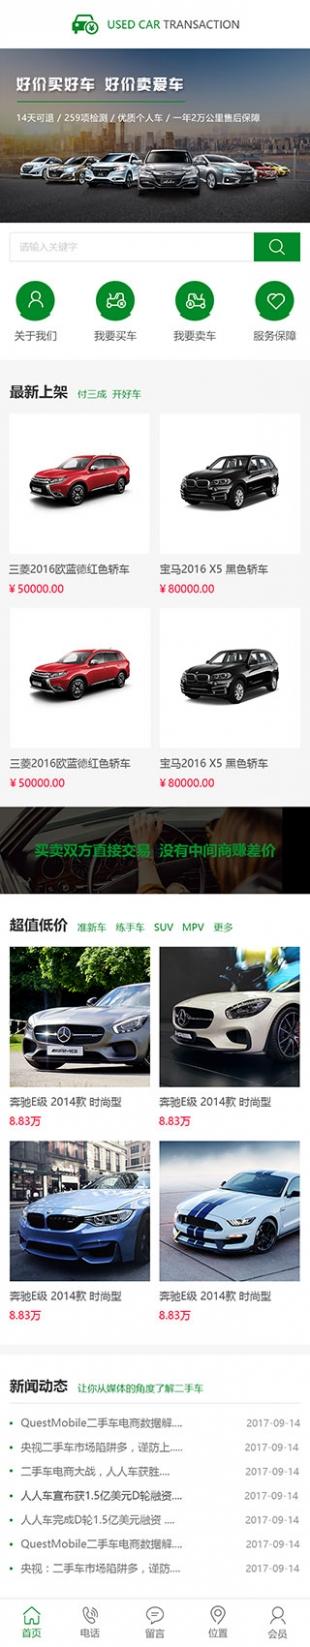 二手车交易类网站通用模板手机图片